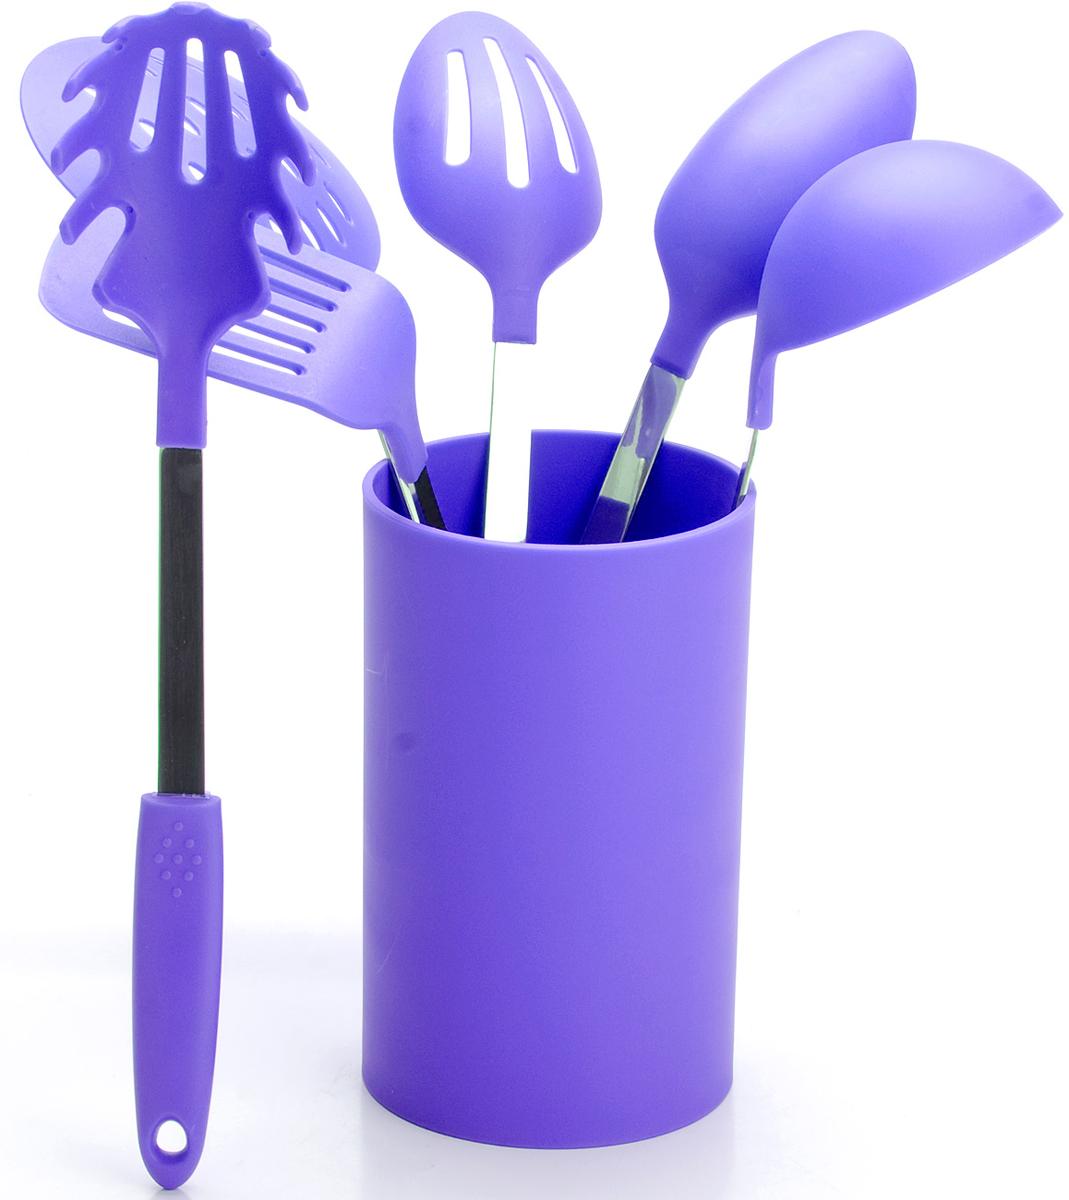 Набор половников Mayer & Boch, цвет: фиолетовый. 22485-222485-2Набор кухонных принадлежностей Mayer & Boch включает в себя половник, гарнирную ложку, ложку для помешивания, лопатку с прорезями, шумовку, ложку для спагетти и подставку. Приборы изготовлены из нержавеющей стали и цветного полипропилена, отличаются высокой износоустойчивостью и надежностью, не окисляются со временем и не портят вкус продуктов, кроме того, они абсолютно безопасны для любых антипригарных покрытий. Входящая в набор удобная высокая подставка для хранения предметов набора поможет сэкономить место на рабочем столе. Набор упакован в красивую прозрачную упаковку с ручкой.